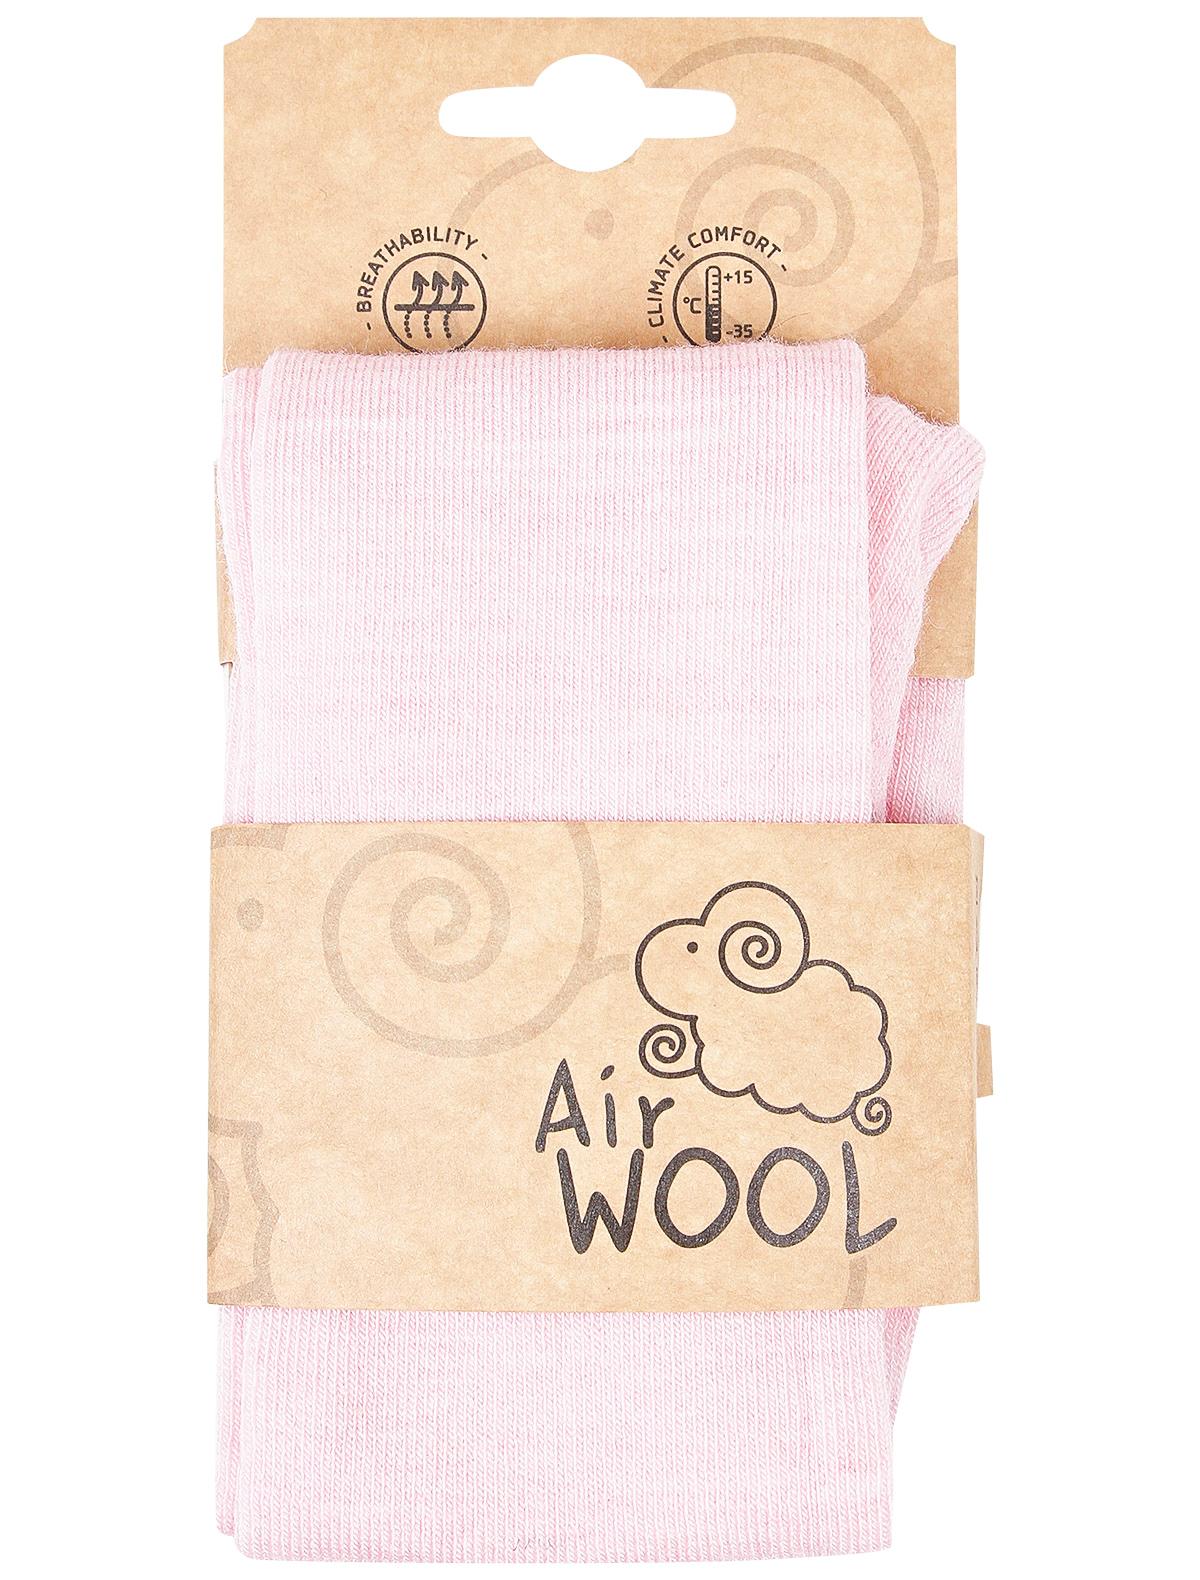 Купить 2136304, Колготки Air wool, розовый, Женский, 1292609980060